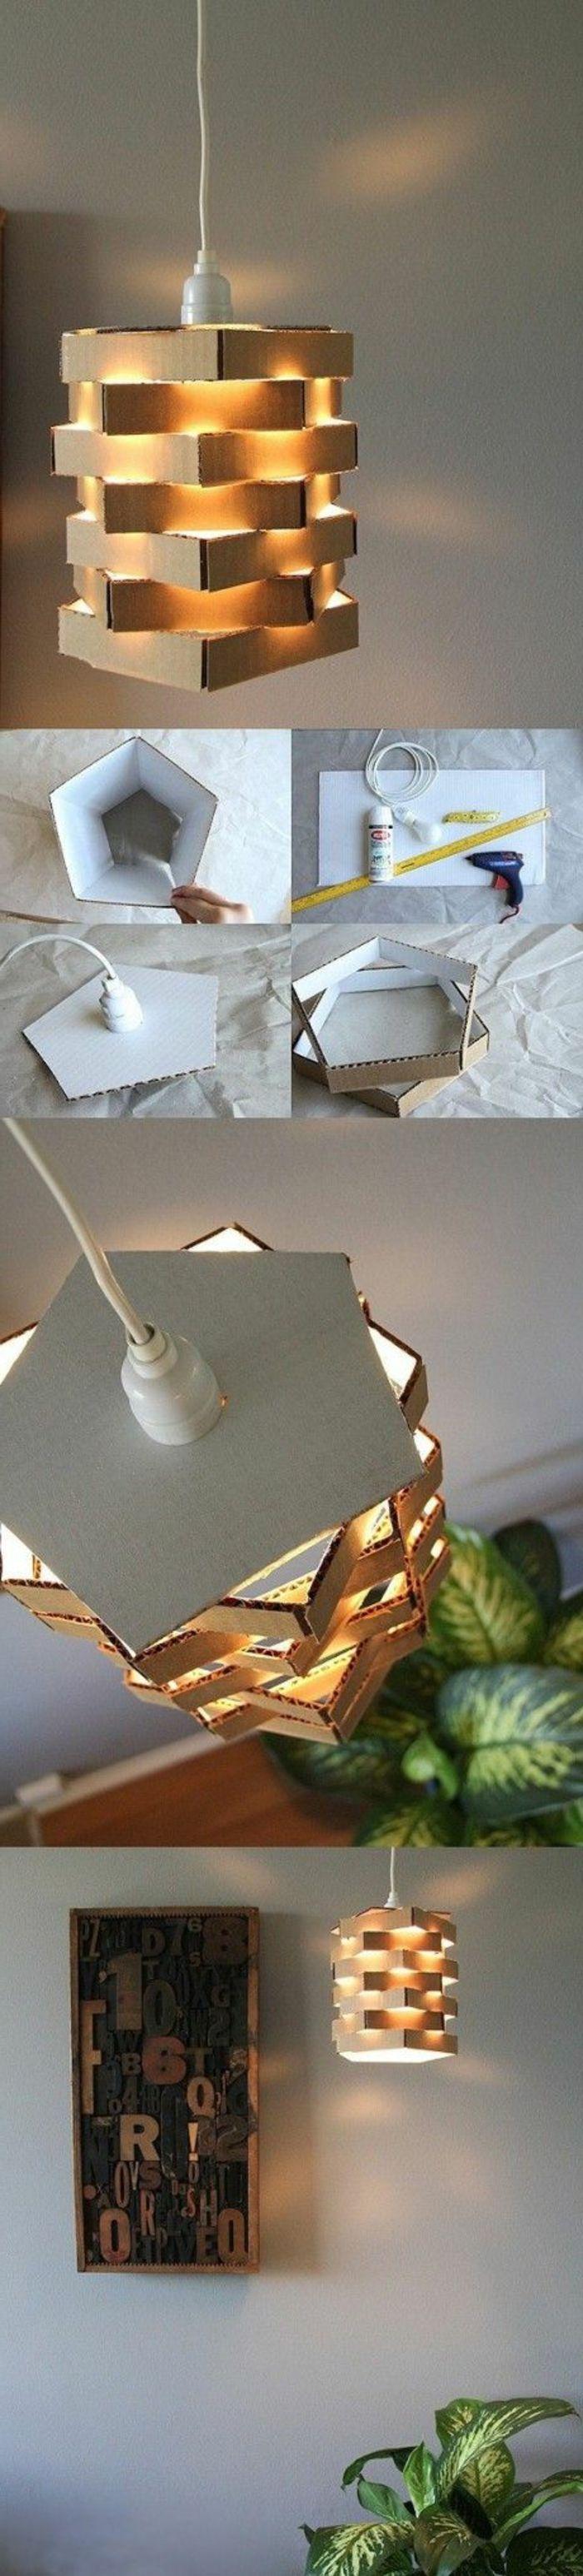 ▷ 80 + ideen zum thema lampenschirm basteln - archzine